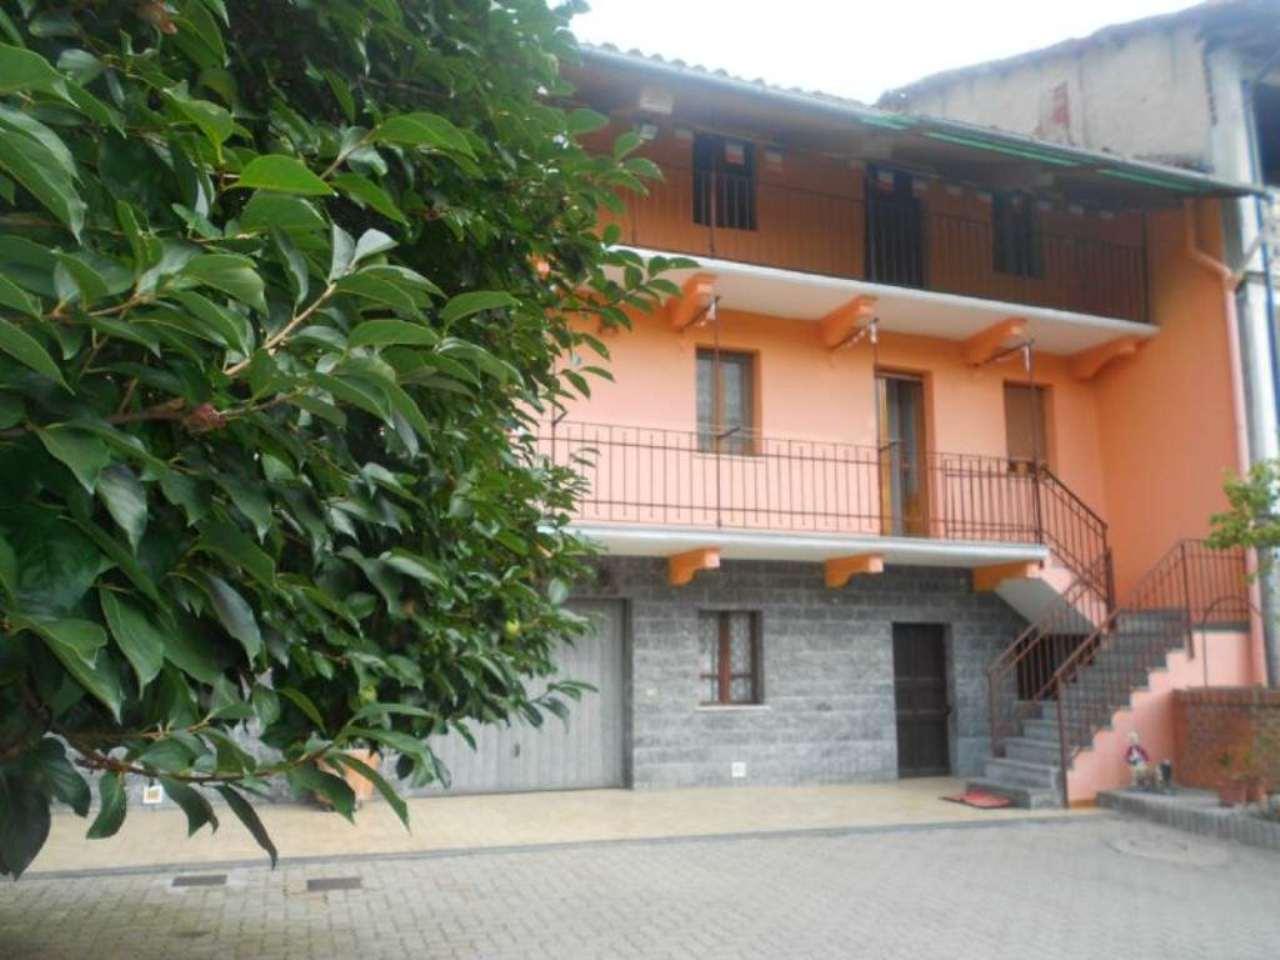 Casa indipendente con cantina, autorimessa e giardino, foto 14